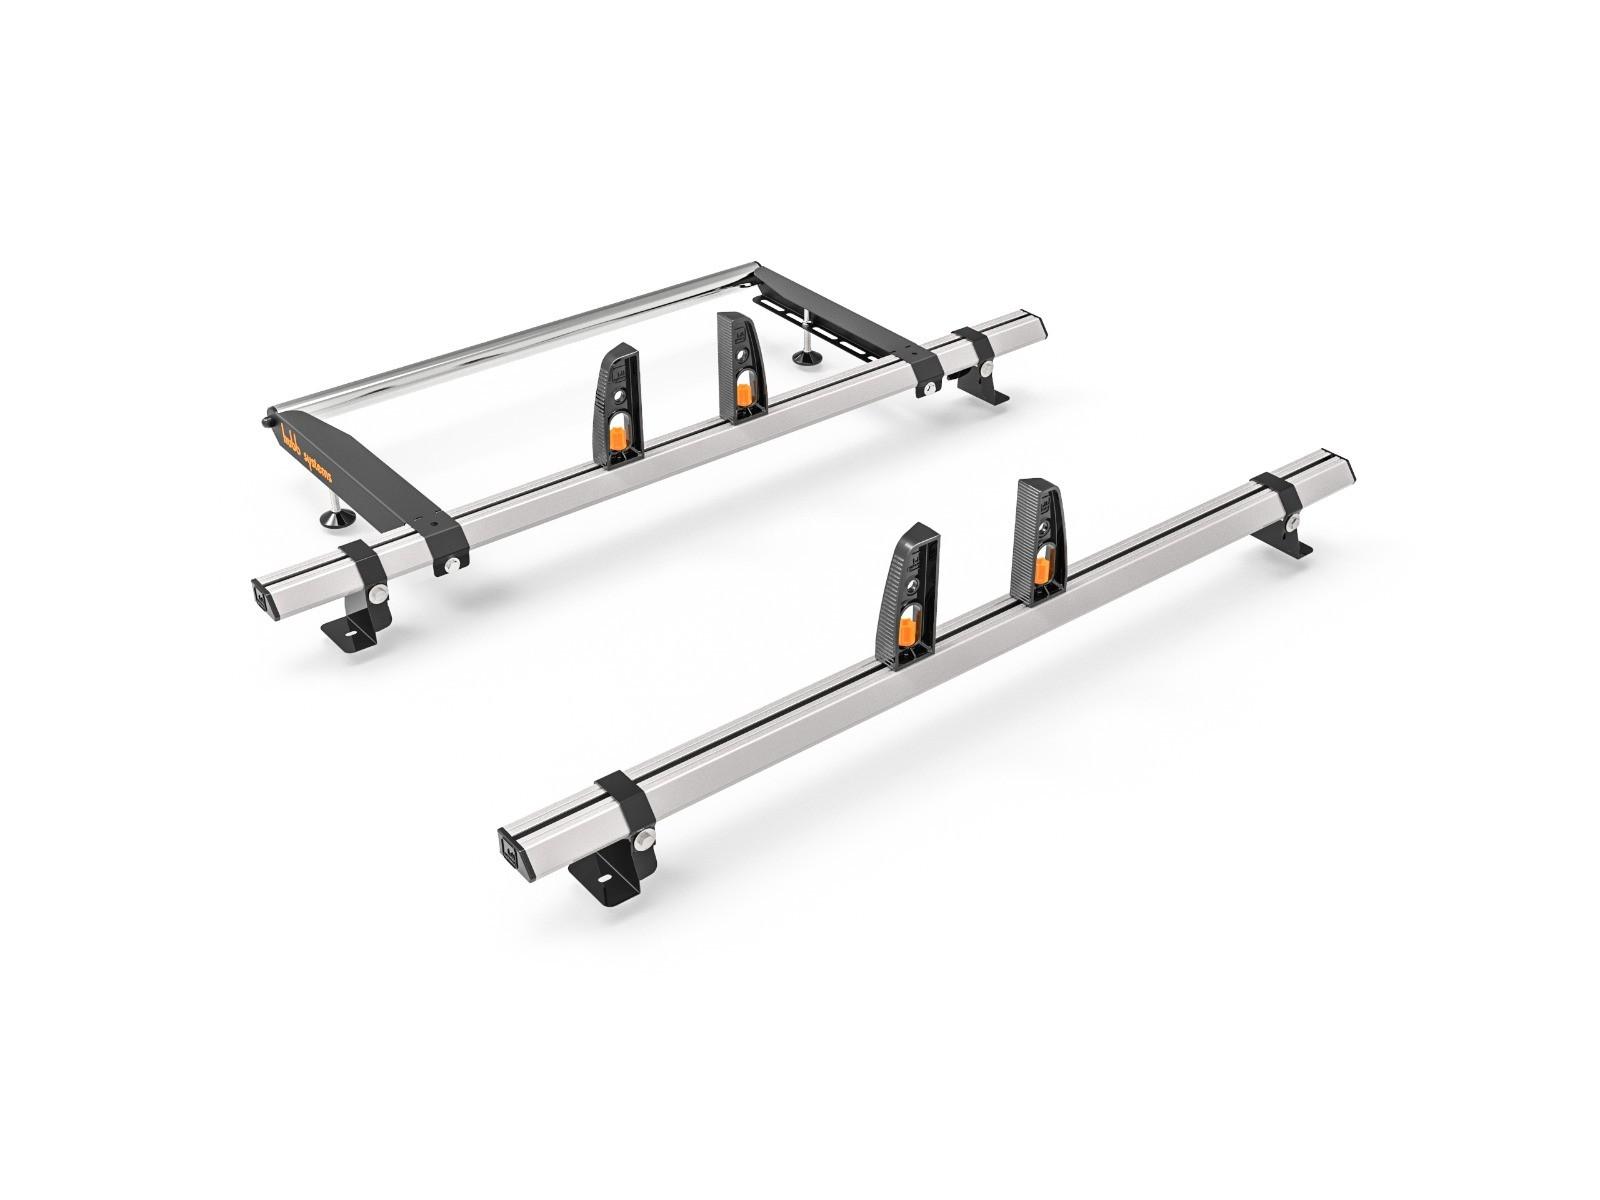 VW Transporter T5 Roof Bars 2002-2014 SWB 2 x Roof Bars Vecta Bars + Rear